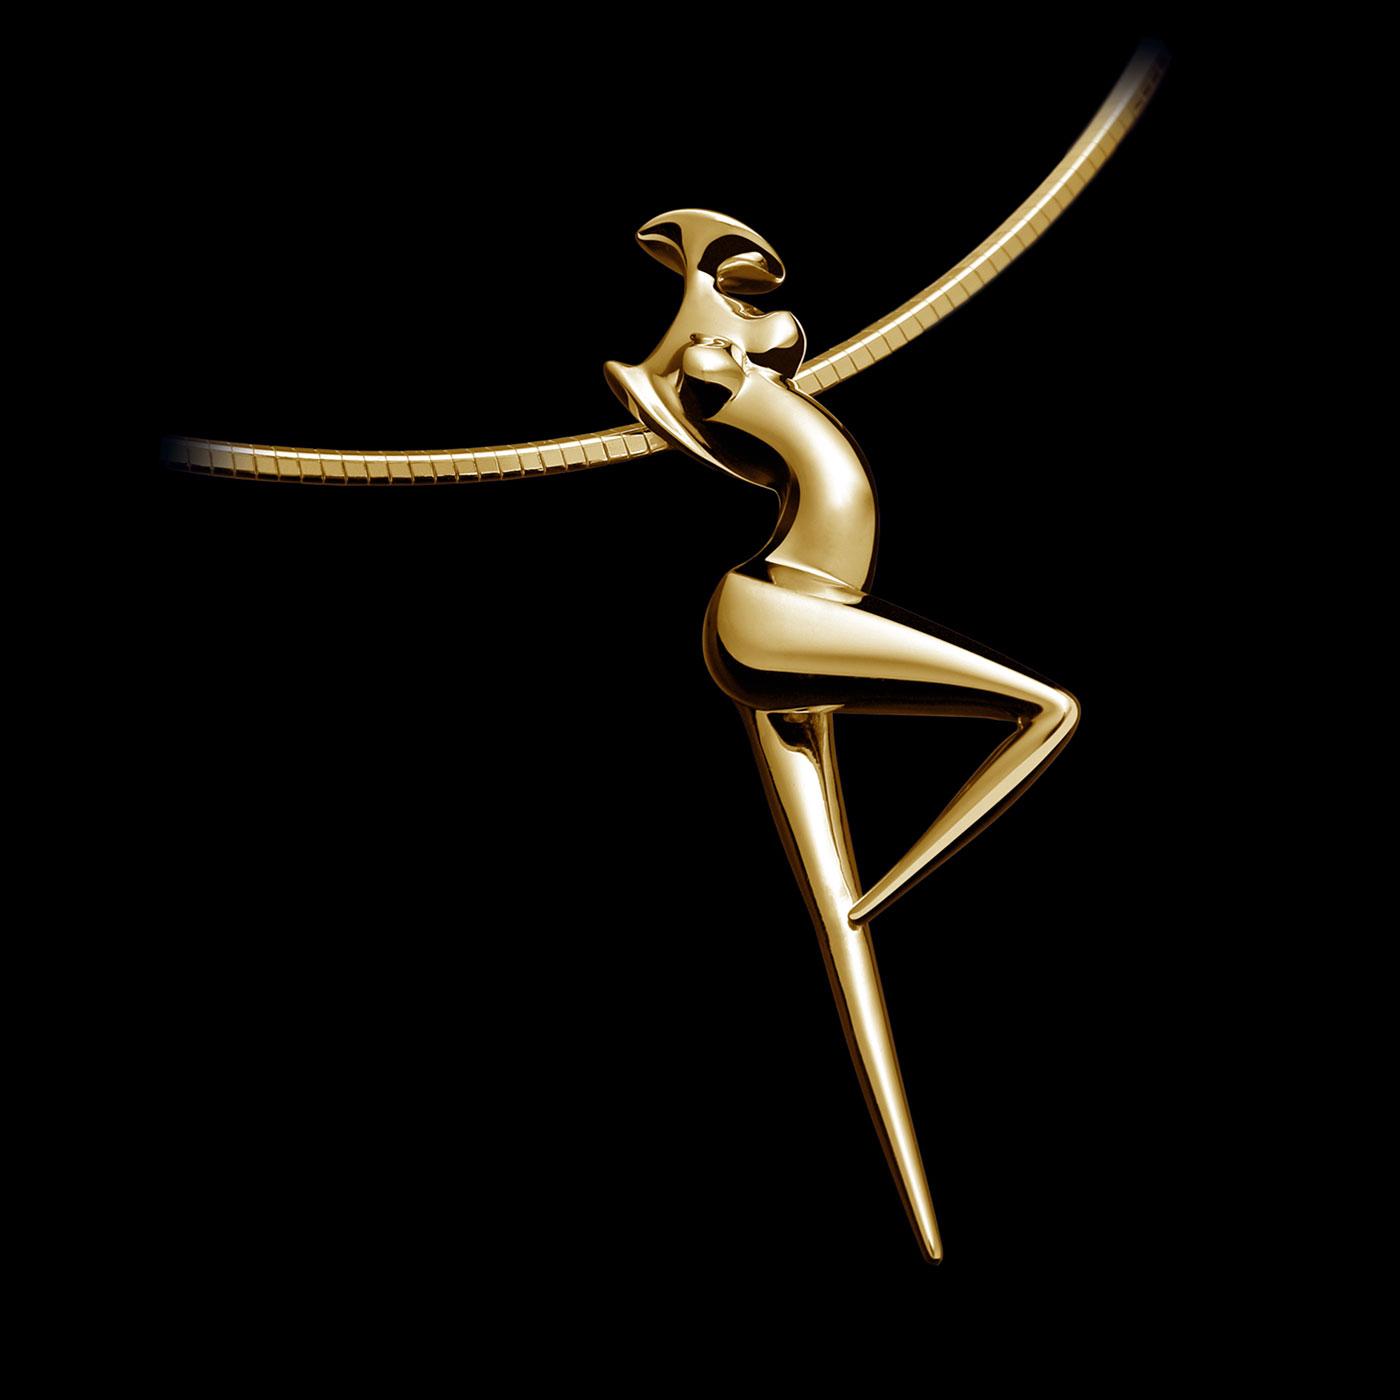 danseuse-bijoux-marion-burkle-sculpture_slider.jpg